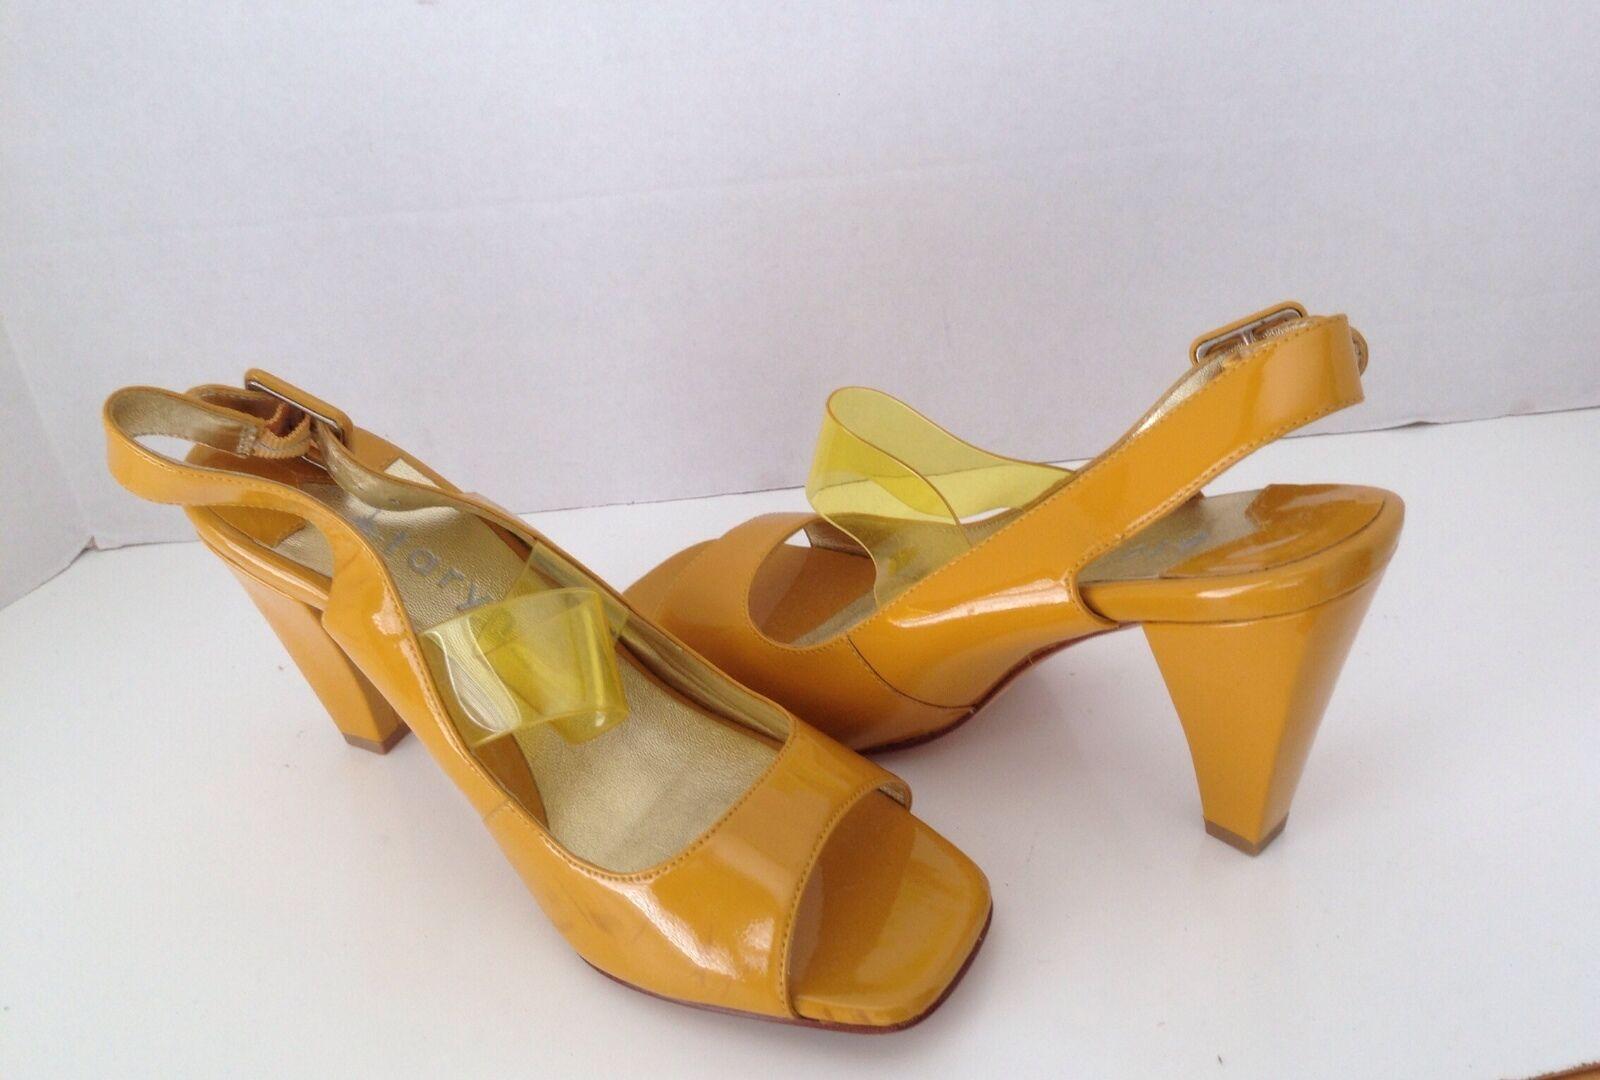 Taryn Taryn Rosa Gelb Patent Open Toe Slingback Sandals Sandals Sandals 8 776001